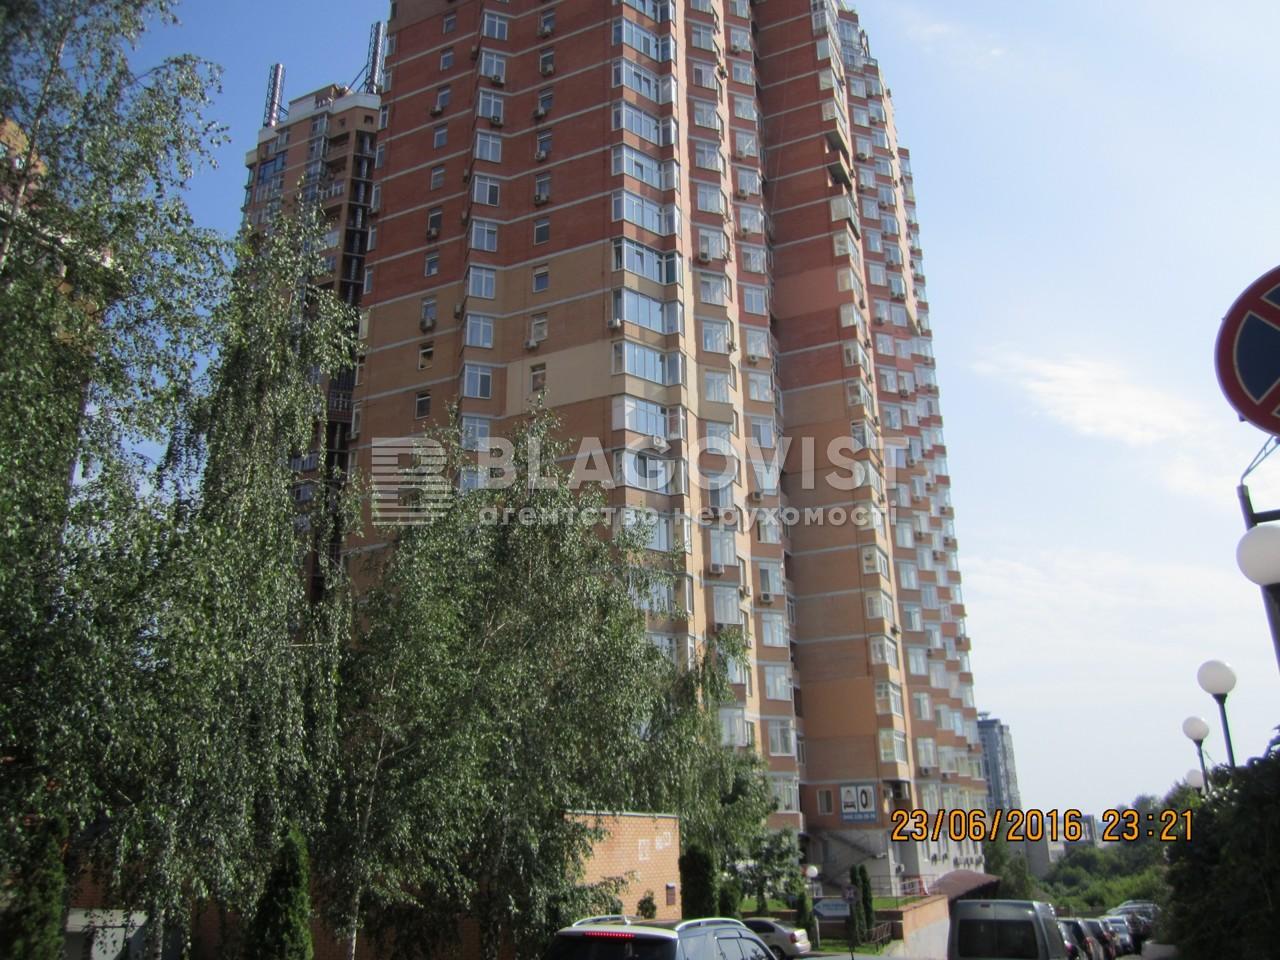 Квартира F-39237, Коновальца Евгения (Щорса), 32г, Киев - Фото 1